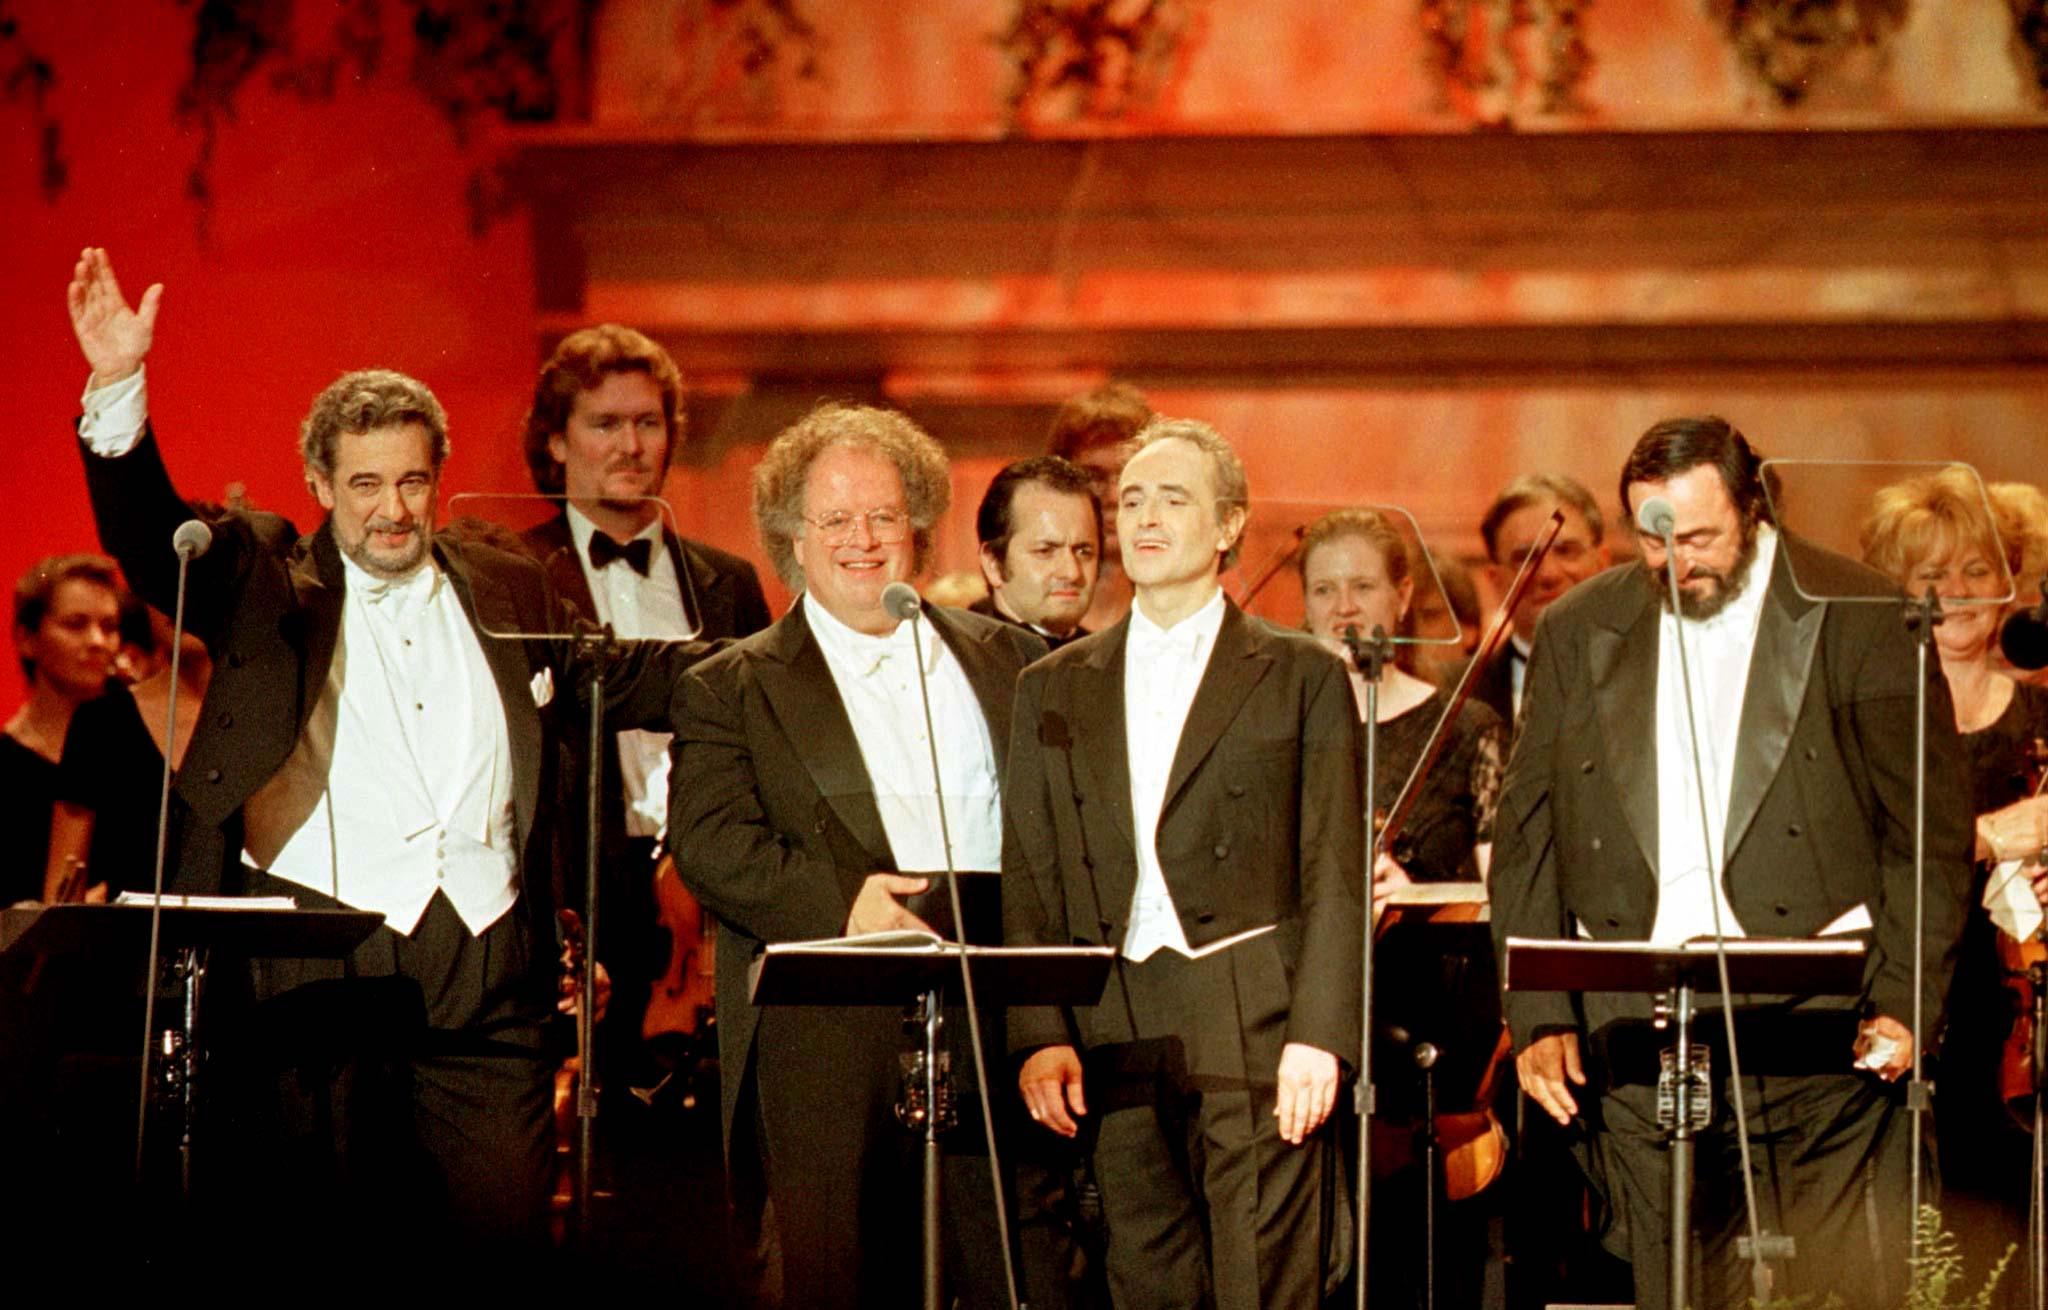 S lijeva na desno: Placido Domingo, James Levine, Jose Carreras i Luciano Pavarotti snimljeni 1999. godine